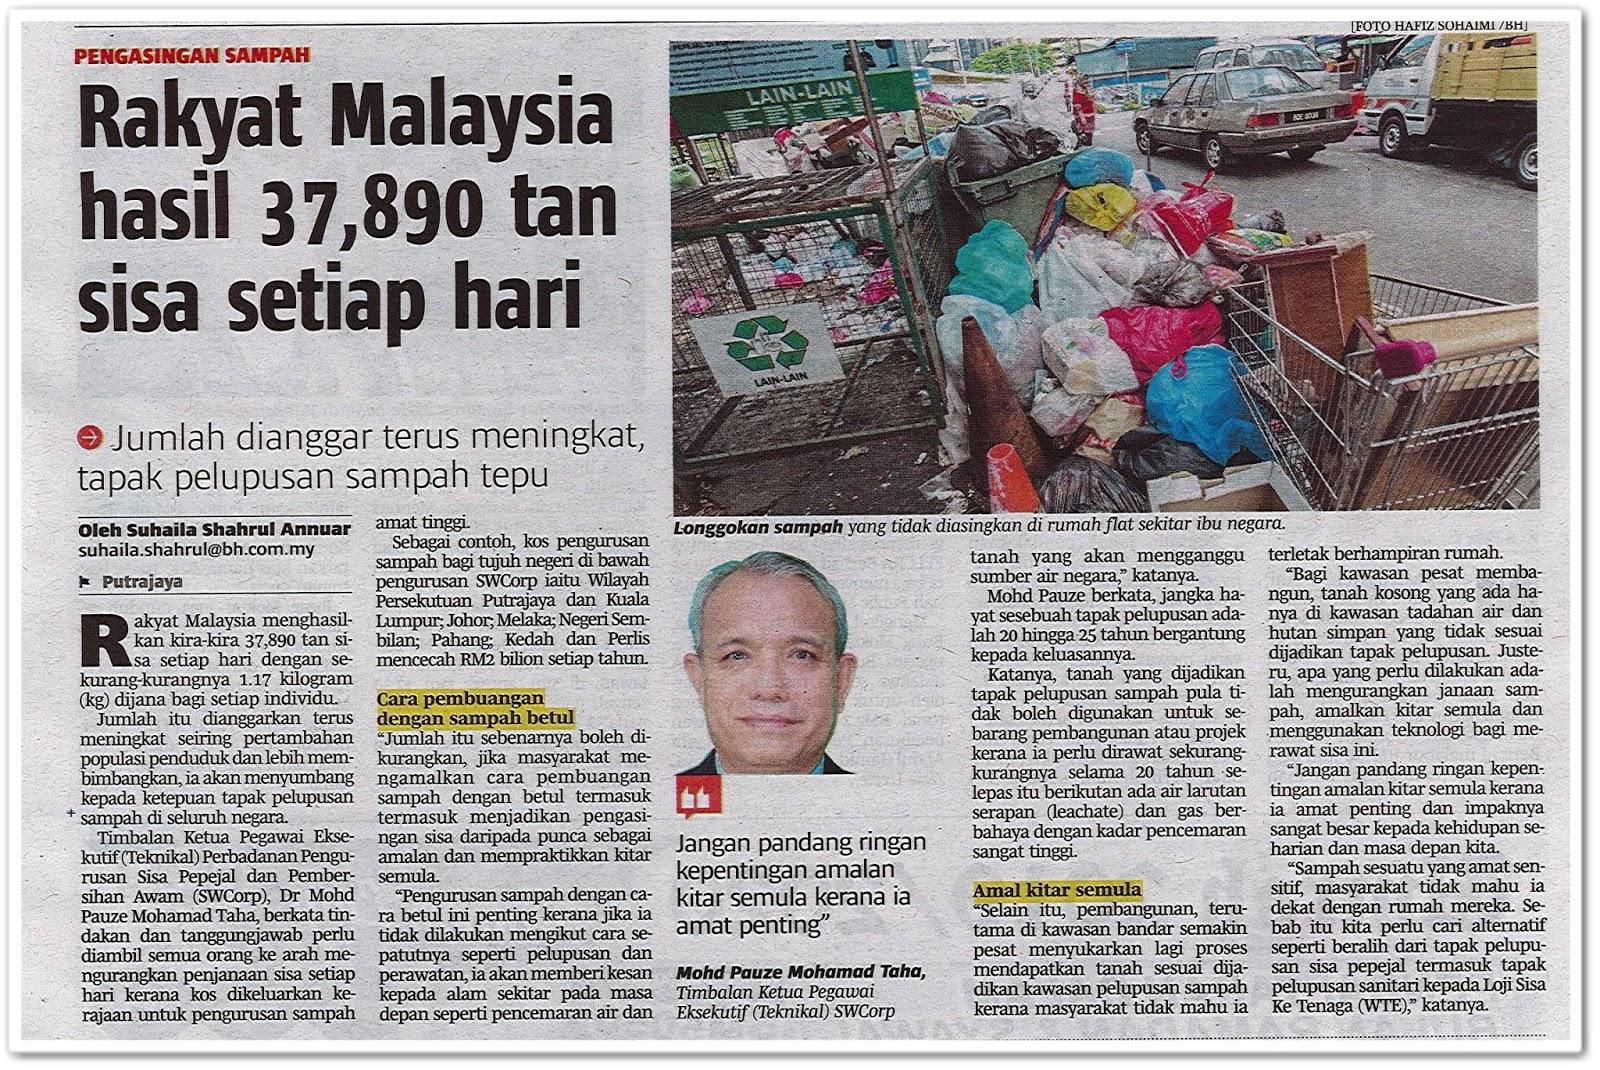 Rakyat Malaysia hasil 37,890 tan sisa setiap hari - Keratan akhbar Berita Harian 11 Jun 2019